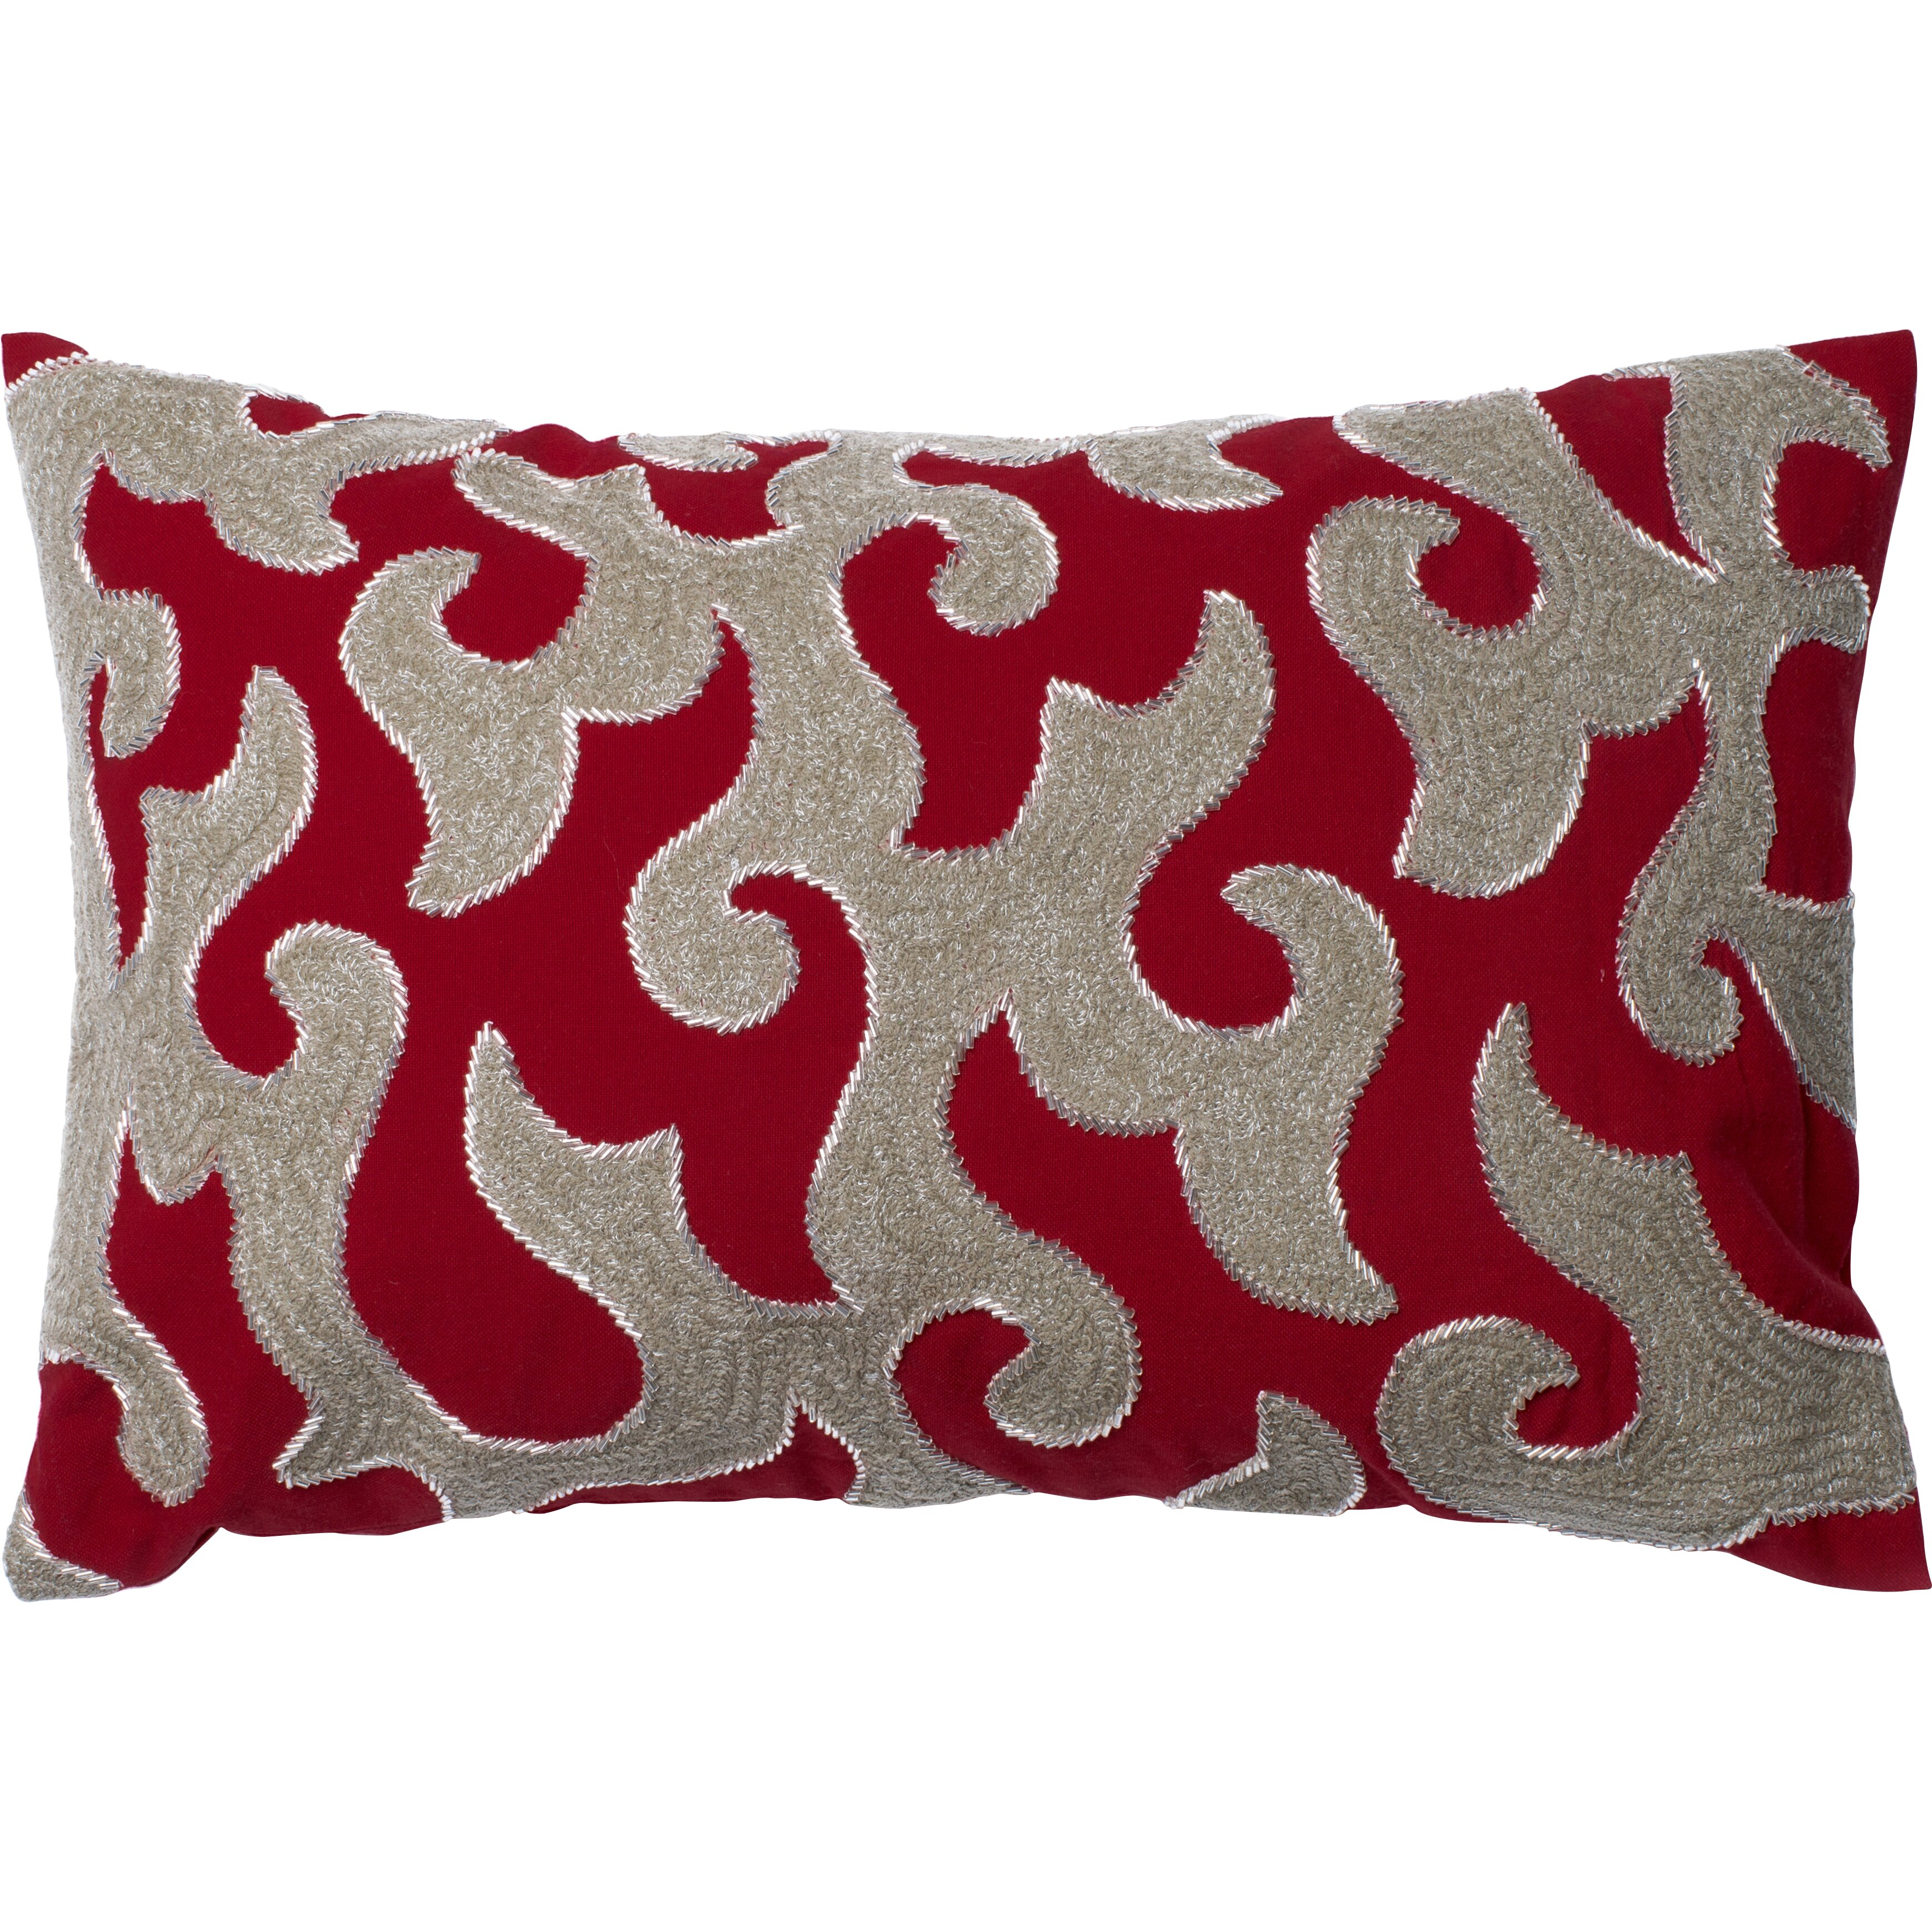 Loloi rugs cotton lumbar pillow reviews wayfair for Loloi pillows